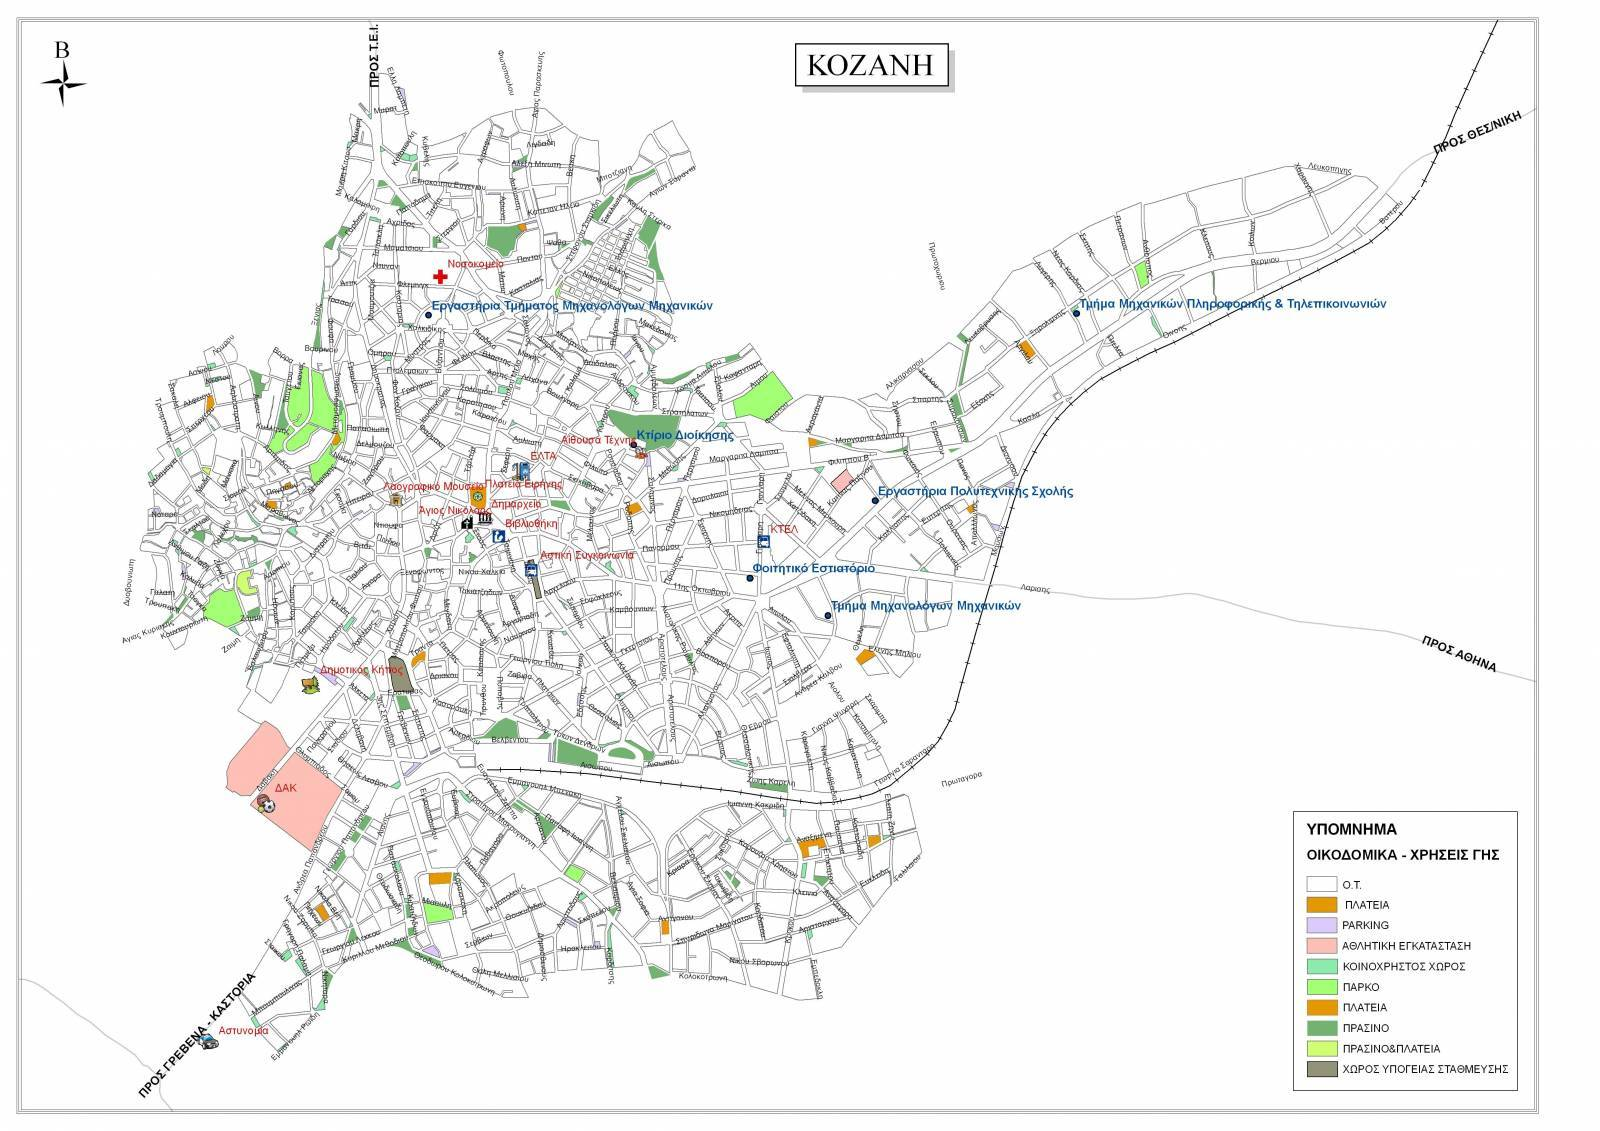 2015 09 01 map kozani